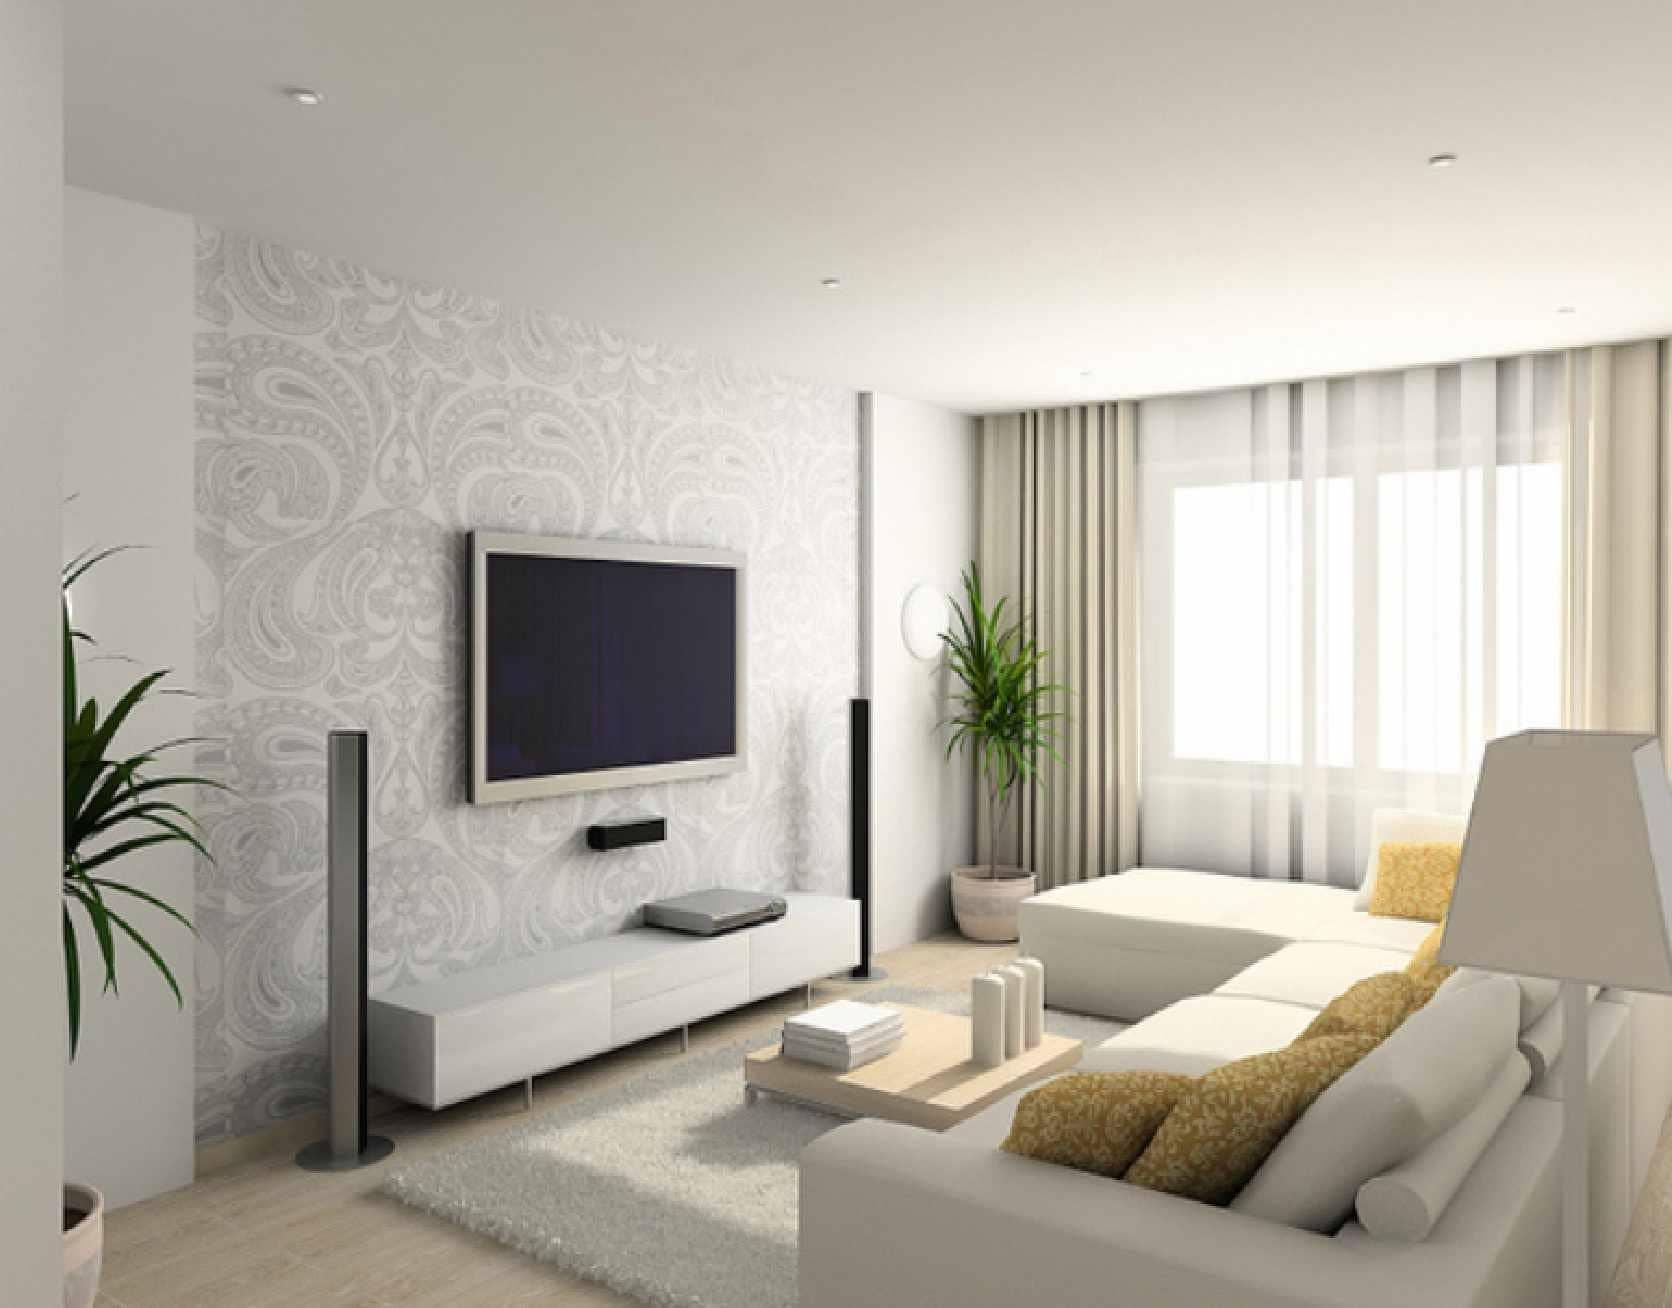 طرق مبتكرة لزيادة مساحة المنزل